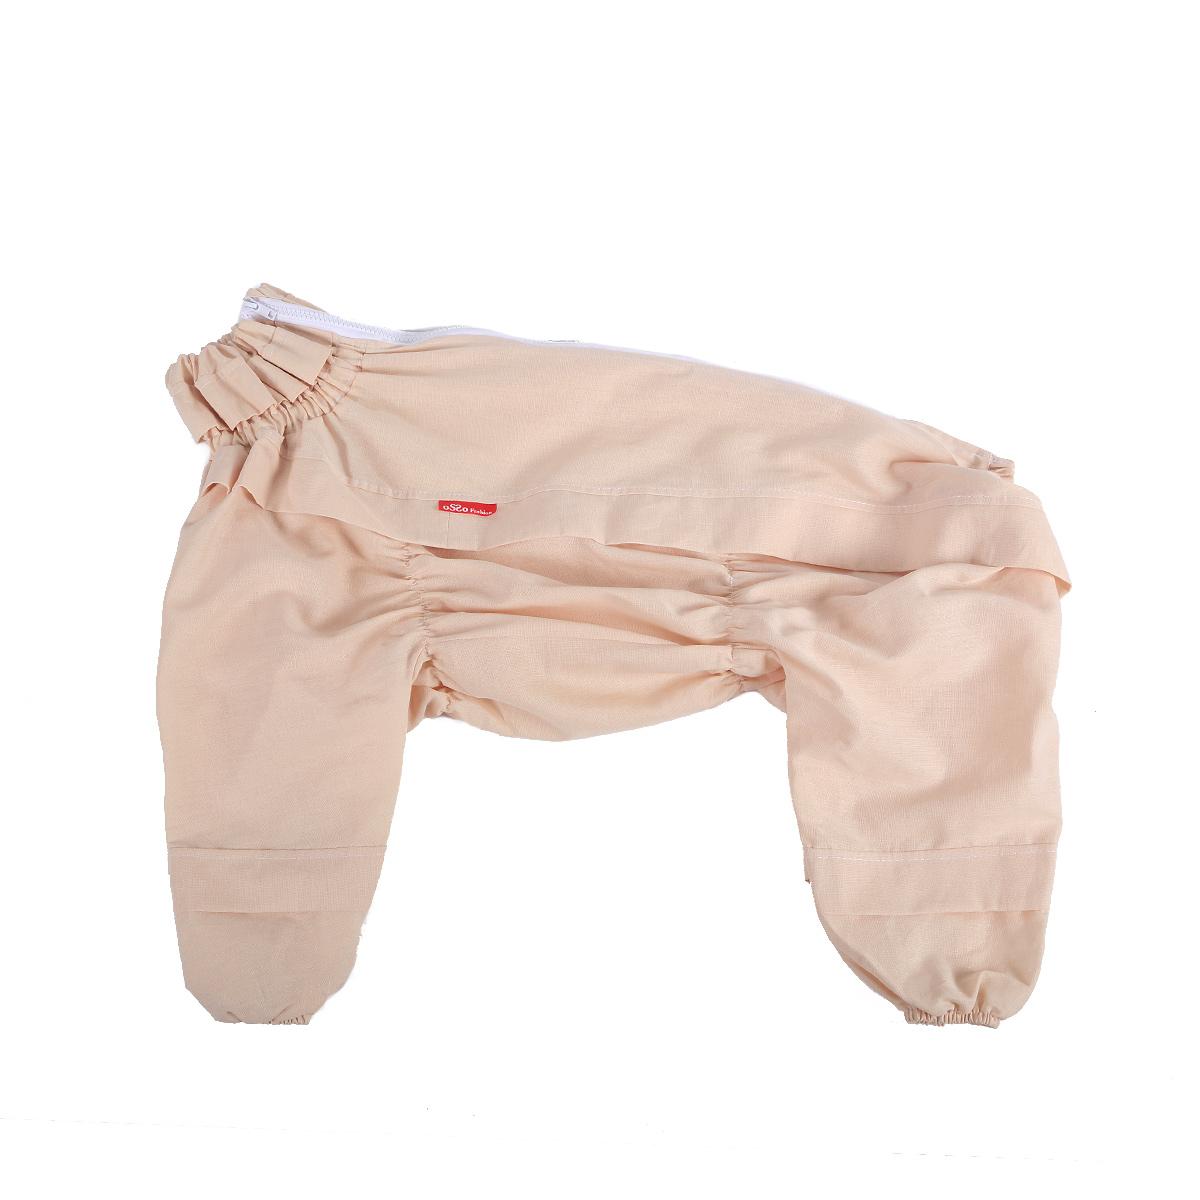 Комбинезон для собак OSSO Fashion, от клещей, для мальчика, цвет: бежевый. Размер 600120710Комбинезон для собак OSSO Fashion изготовлен из 100% хлопка, имеет светлую расцветку, на которой сразу будут заметны кровососущие насекомые. Комбинезон предназначен для защиты собак во время прогулок по парку и лесу. Разработан с учетом особенностей поведения клещей. На комбинезоне имеются складки-ловушки на груди, на штанинах, на боках комбинезона и на шее, которые преграждают движение насекомого вверх. Комбинезон очень легкий и удобный. Низ штанин на резинке, на спине застегивается на молнию.Длина спинки: 60 см.Объем груди: 68-104 см.